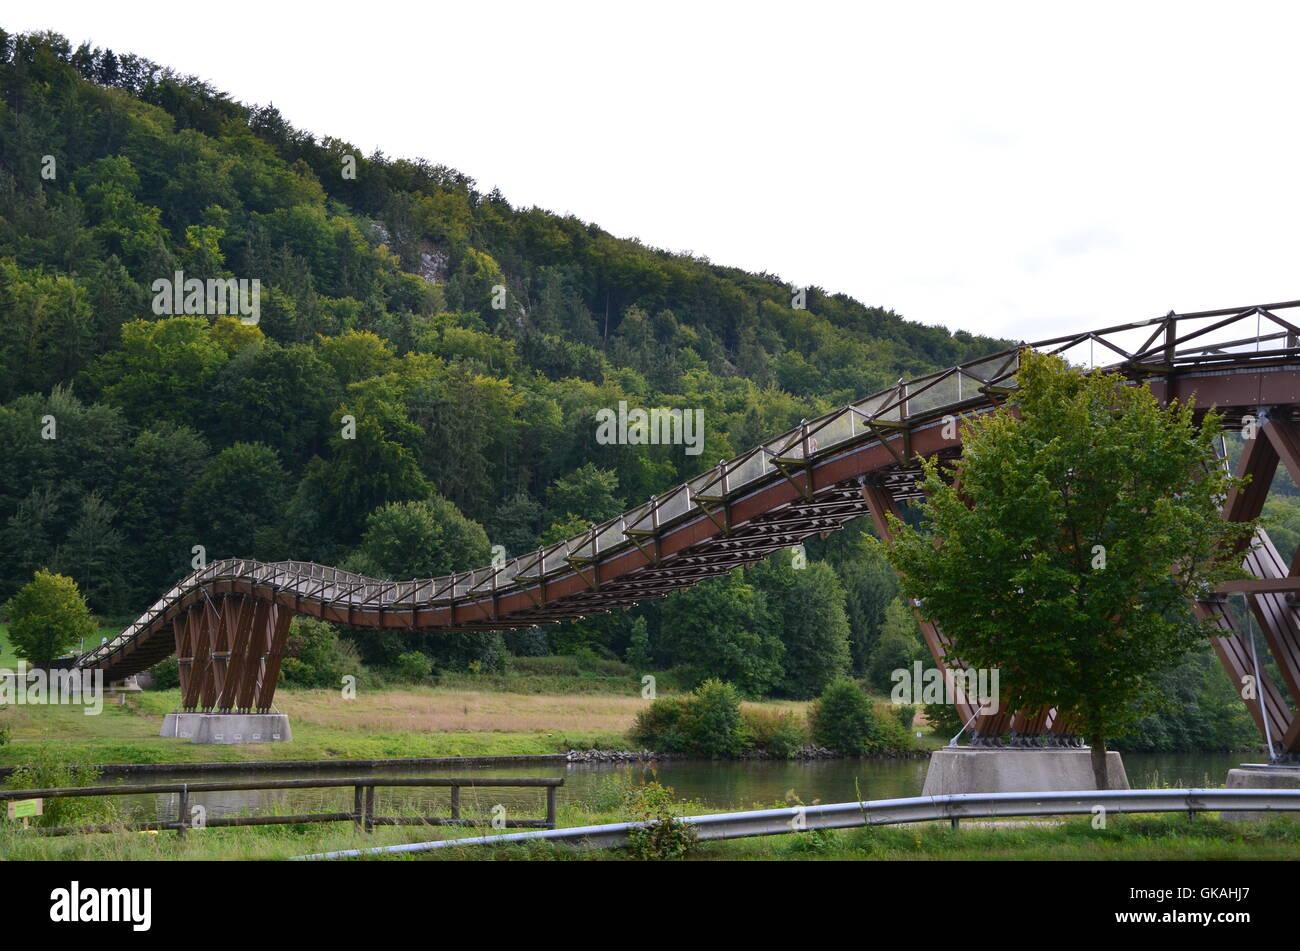 wood bridge style of construction - Stock Image